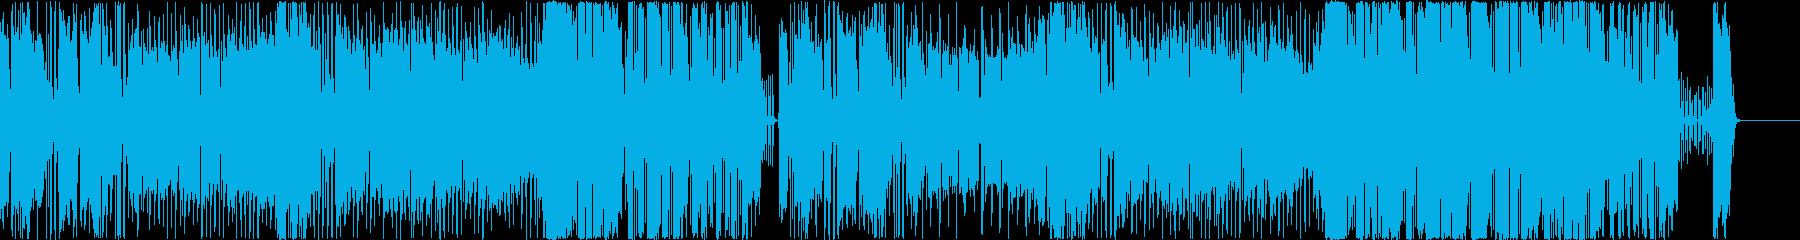 【ドラム・ベース抜き】気分がハイになるひの再生済みの波形